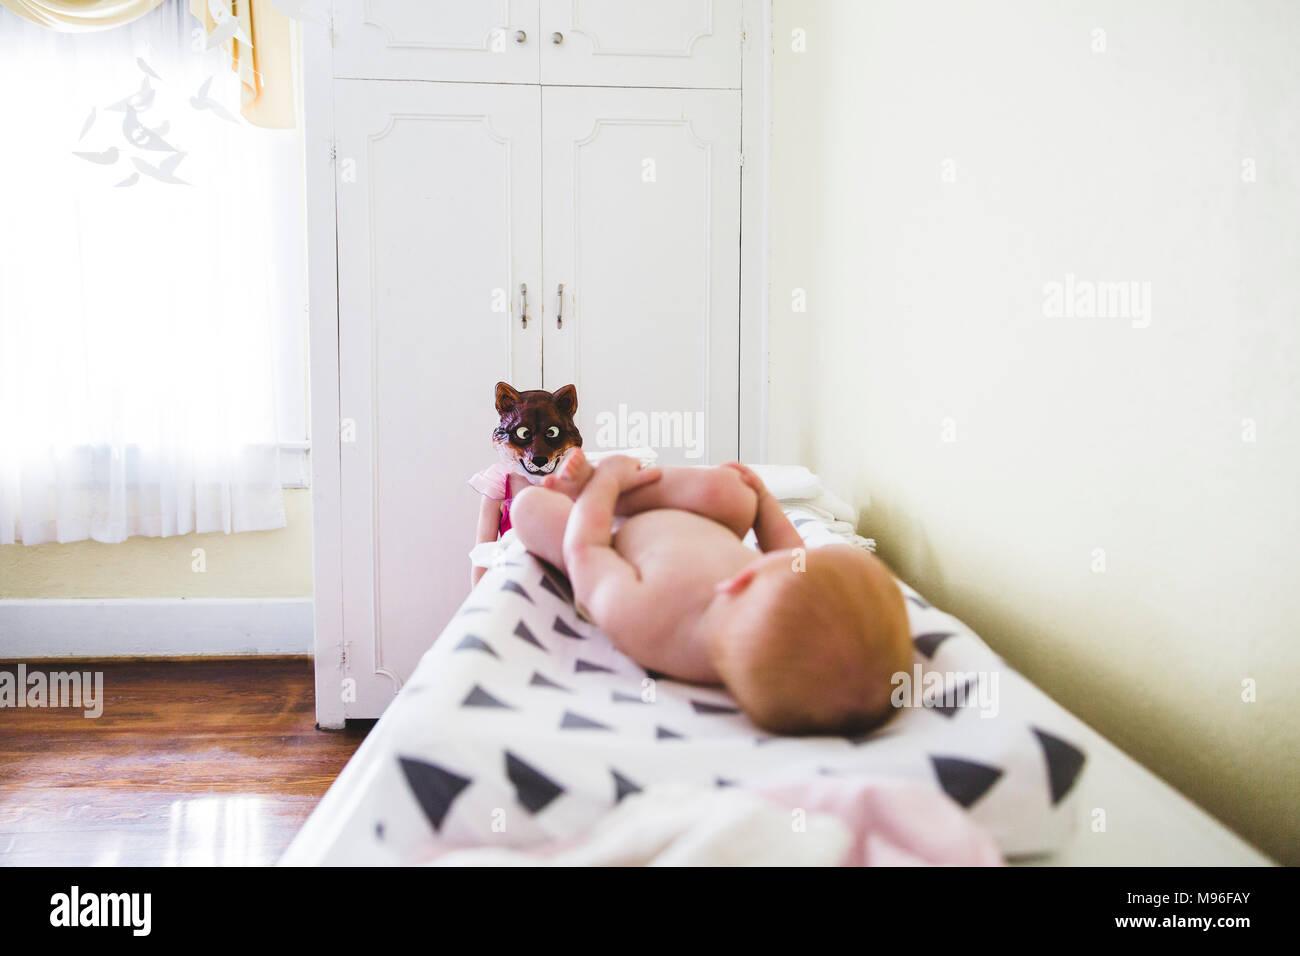 Baby posa sul fasciatoio con maschera in background Immagini Stock